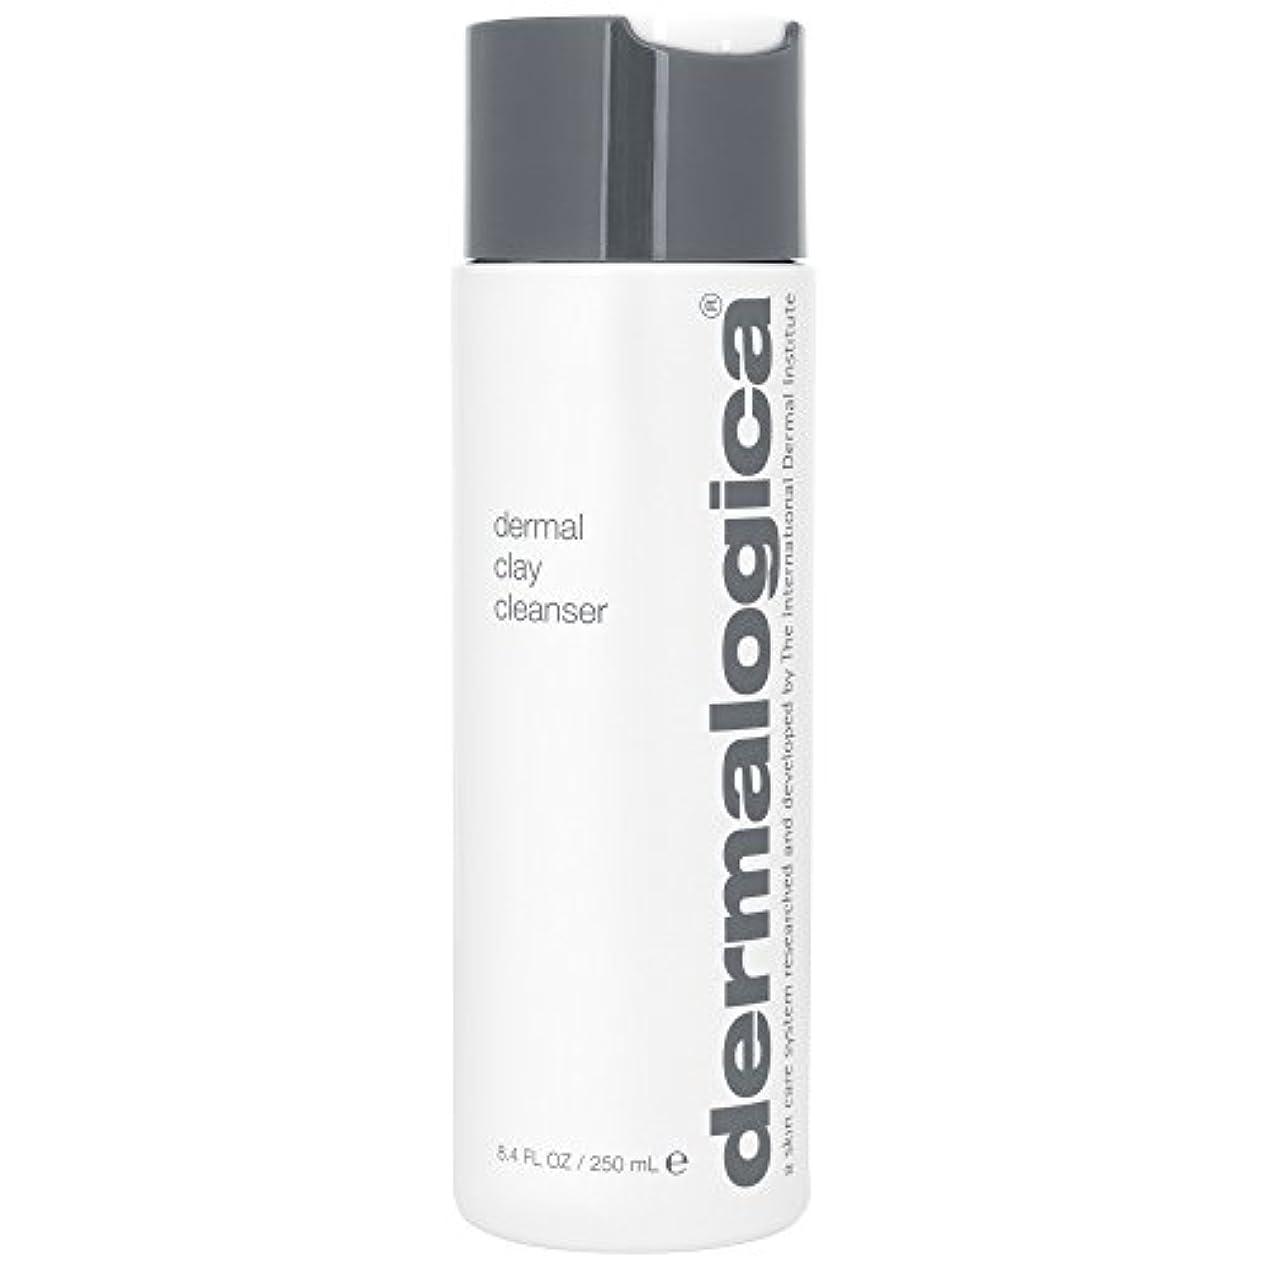 洗練国際シードダーマロジカ真皮クレイクレンザー250ミリリットル (Dermalogica) (x2) - Dermalogica Dermal Clay Cleanser 250ml (Pack of 2) [並行輸入品]